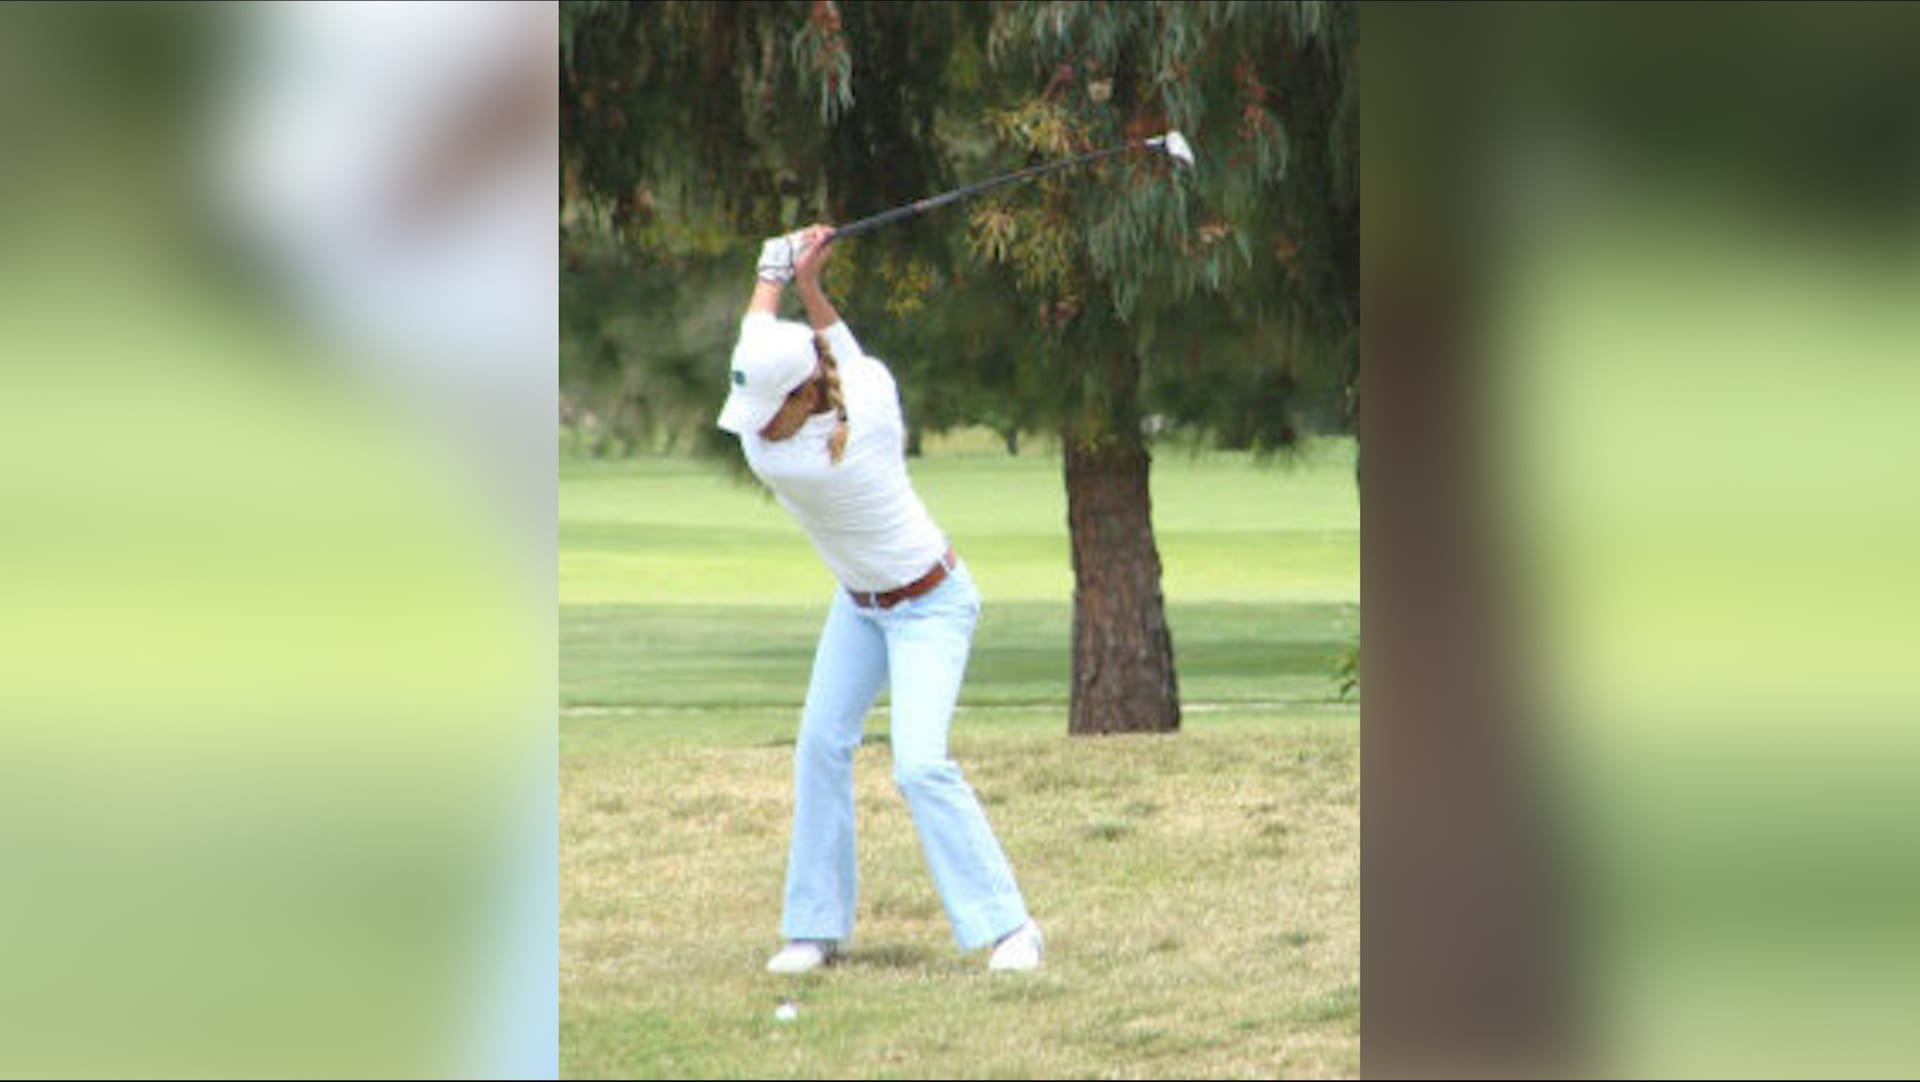 3 نصائح لتحسين أدائك في رياضة الغولف من نائلة العطار أول محترفة غولف مصرية